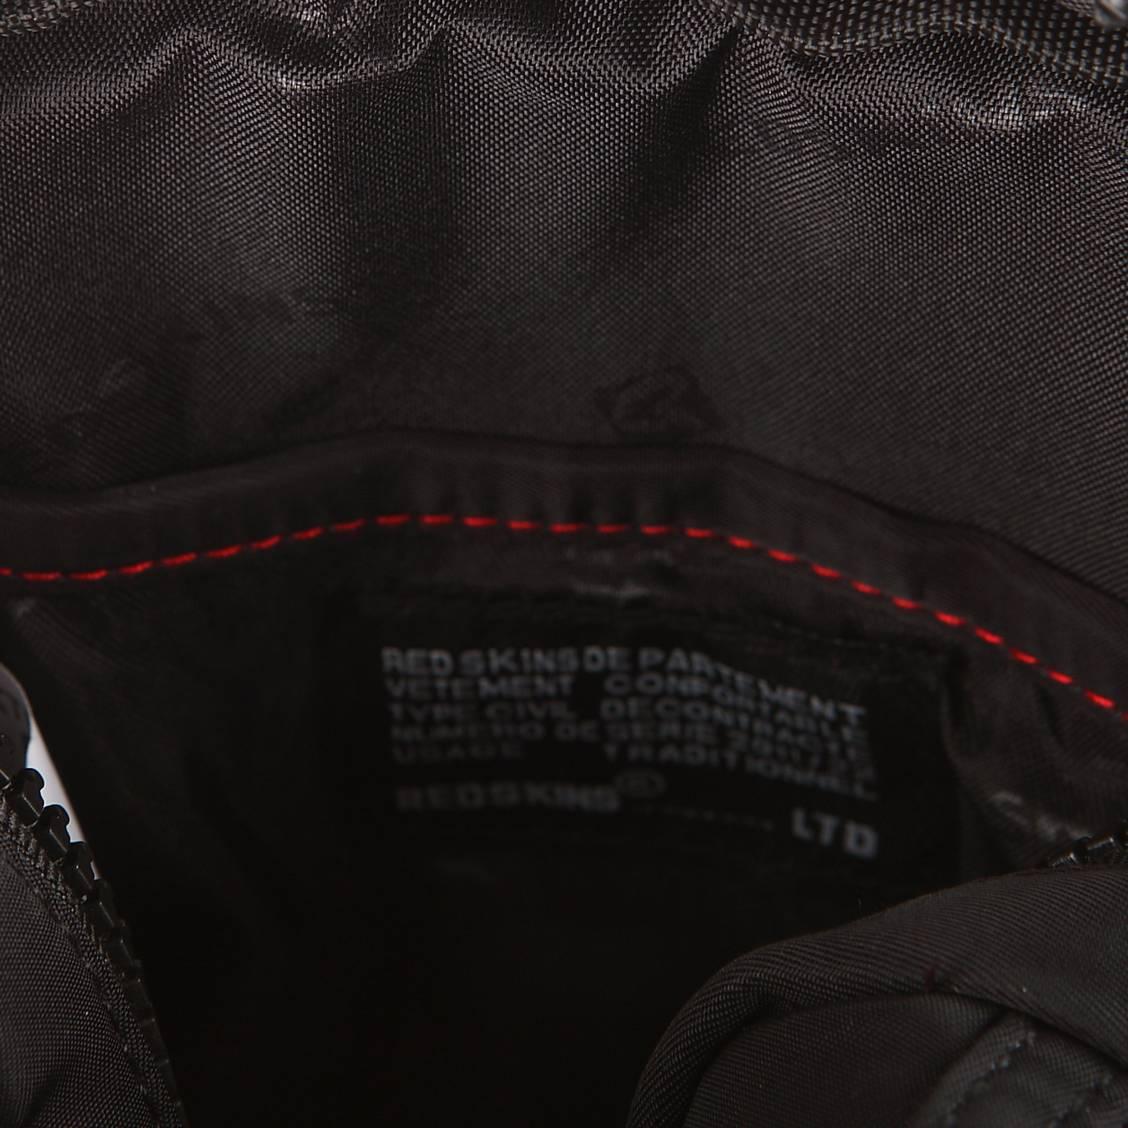 Petite sacoche Redskins Field en toile noire à effet matelassé GaQWVF5Bjc